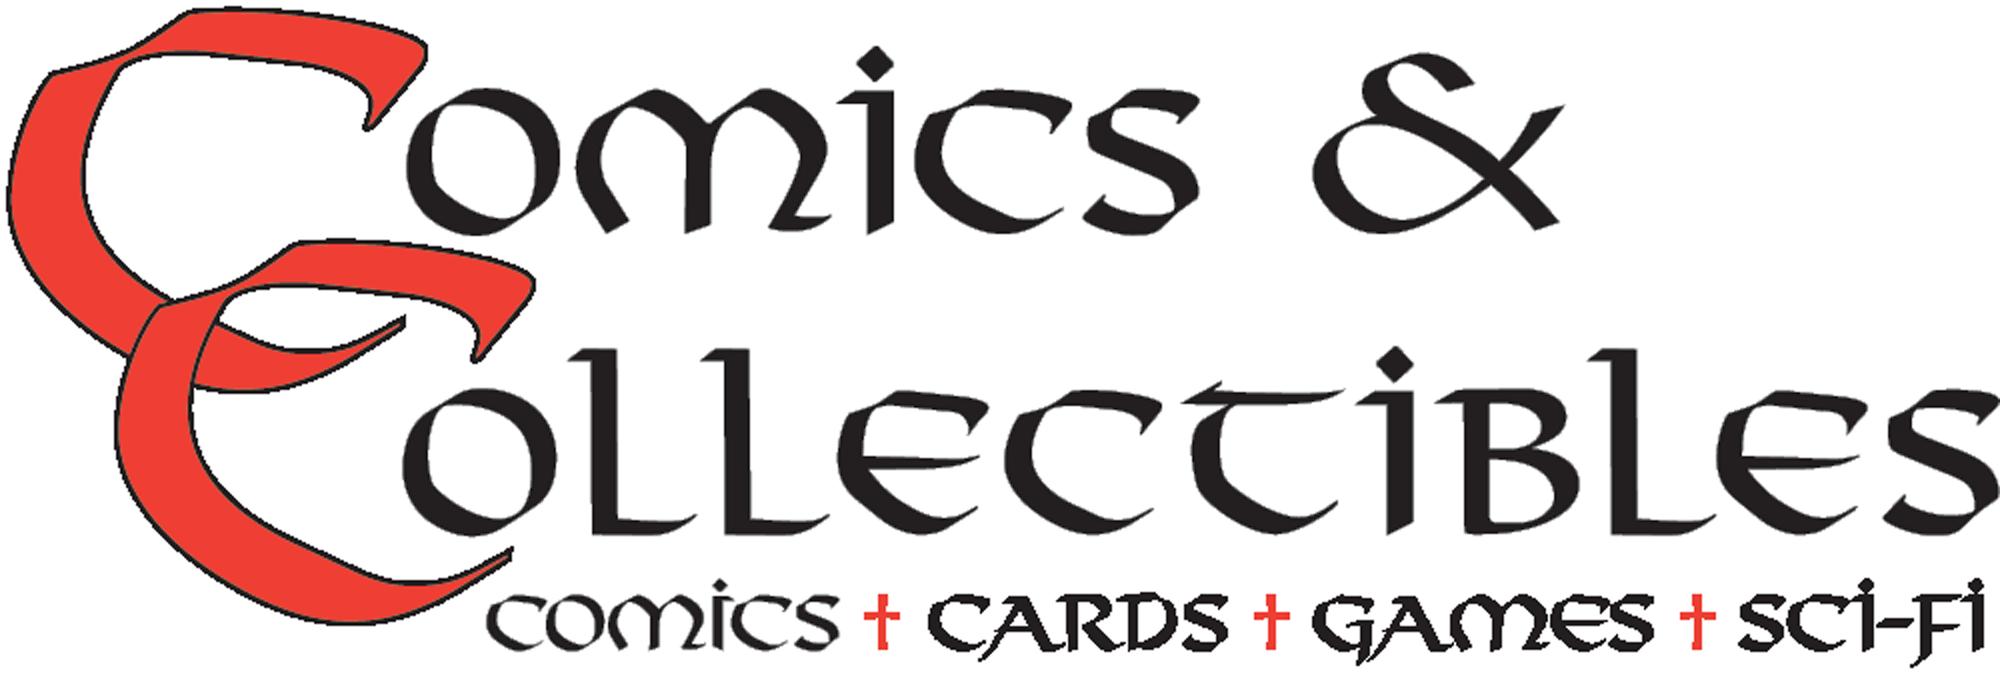 Comics & Collectibles